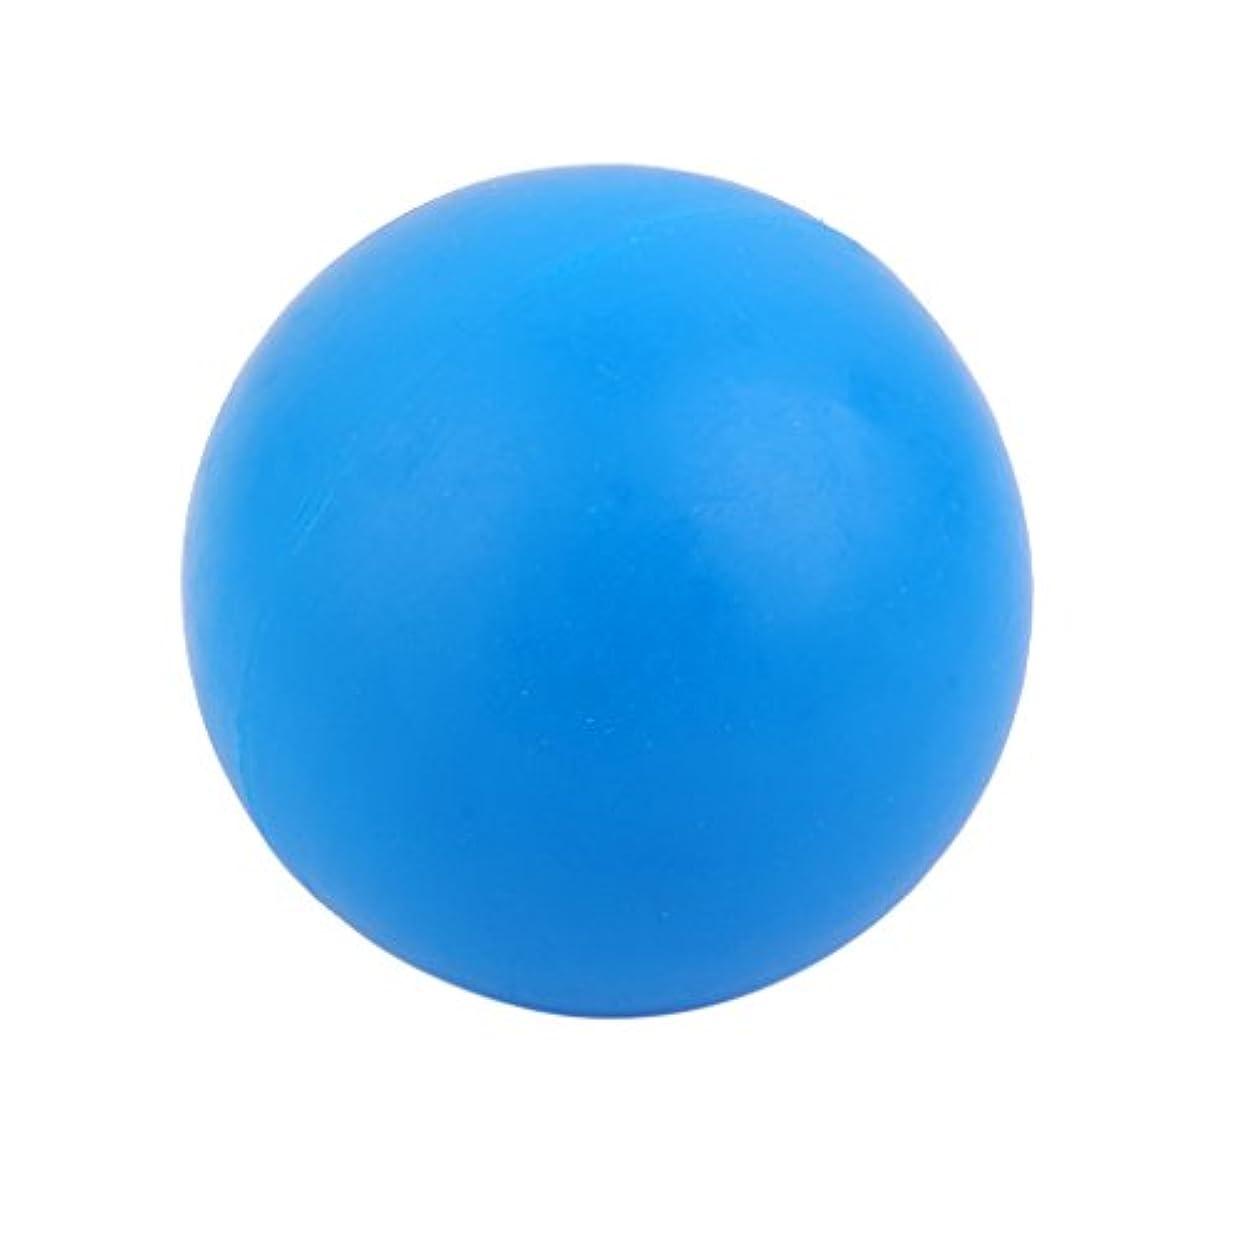 勇敢な限り配置マッサージボール 反応ボール トレーニングボール